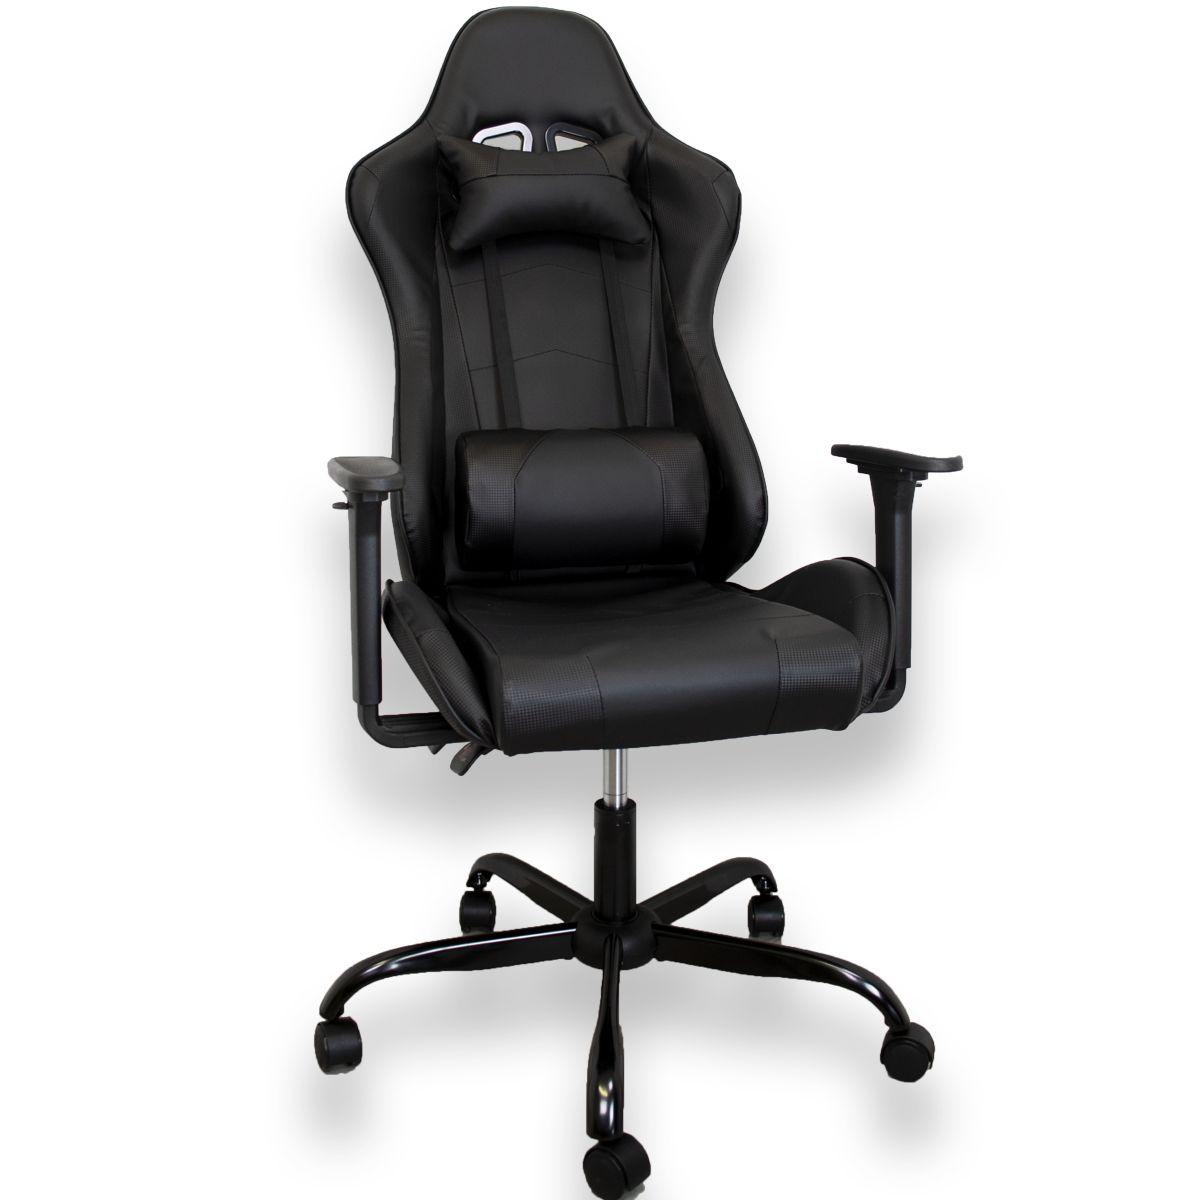 miniatura 24 - Sedia Poltrona da Gaming per Ufficio reclinabile Imbottita ergonomica GTX RTX